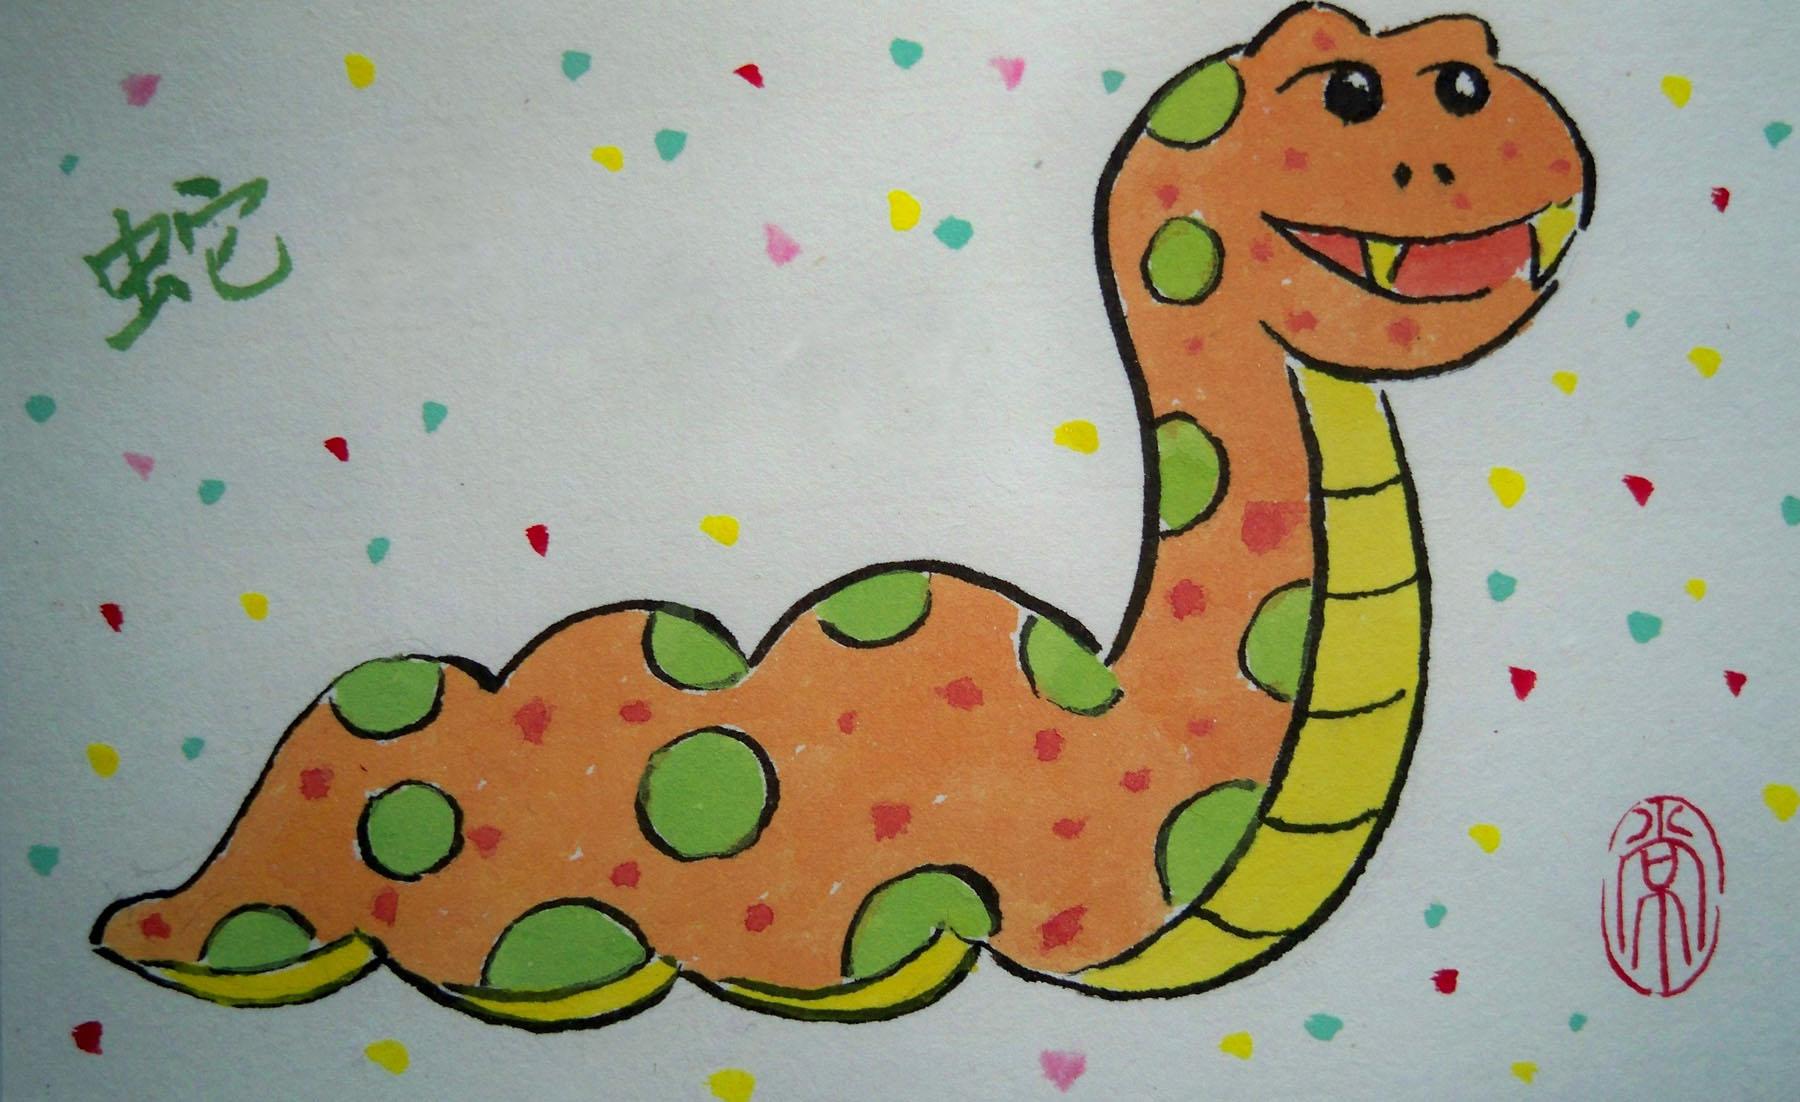 水粉画蛇-儿童画手绘水彩画图片大全 动力火车